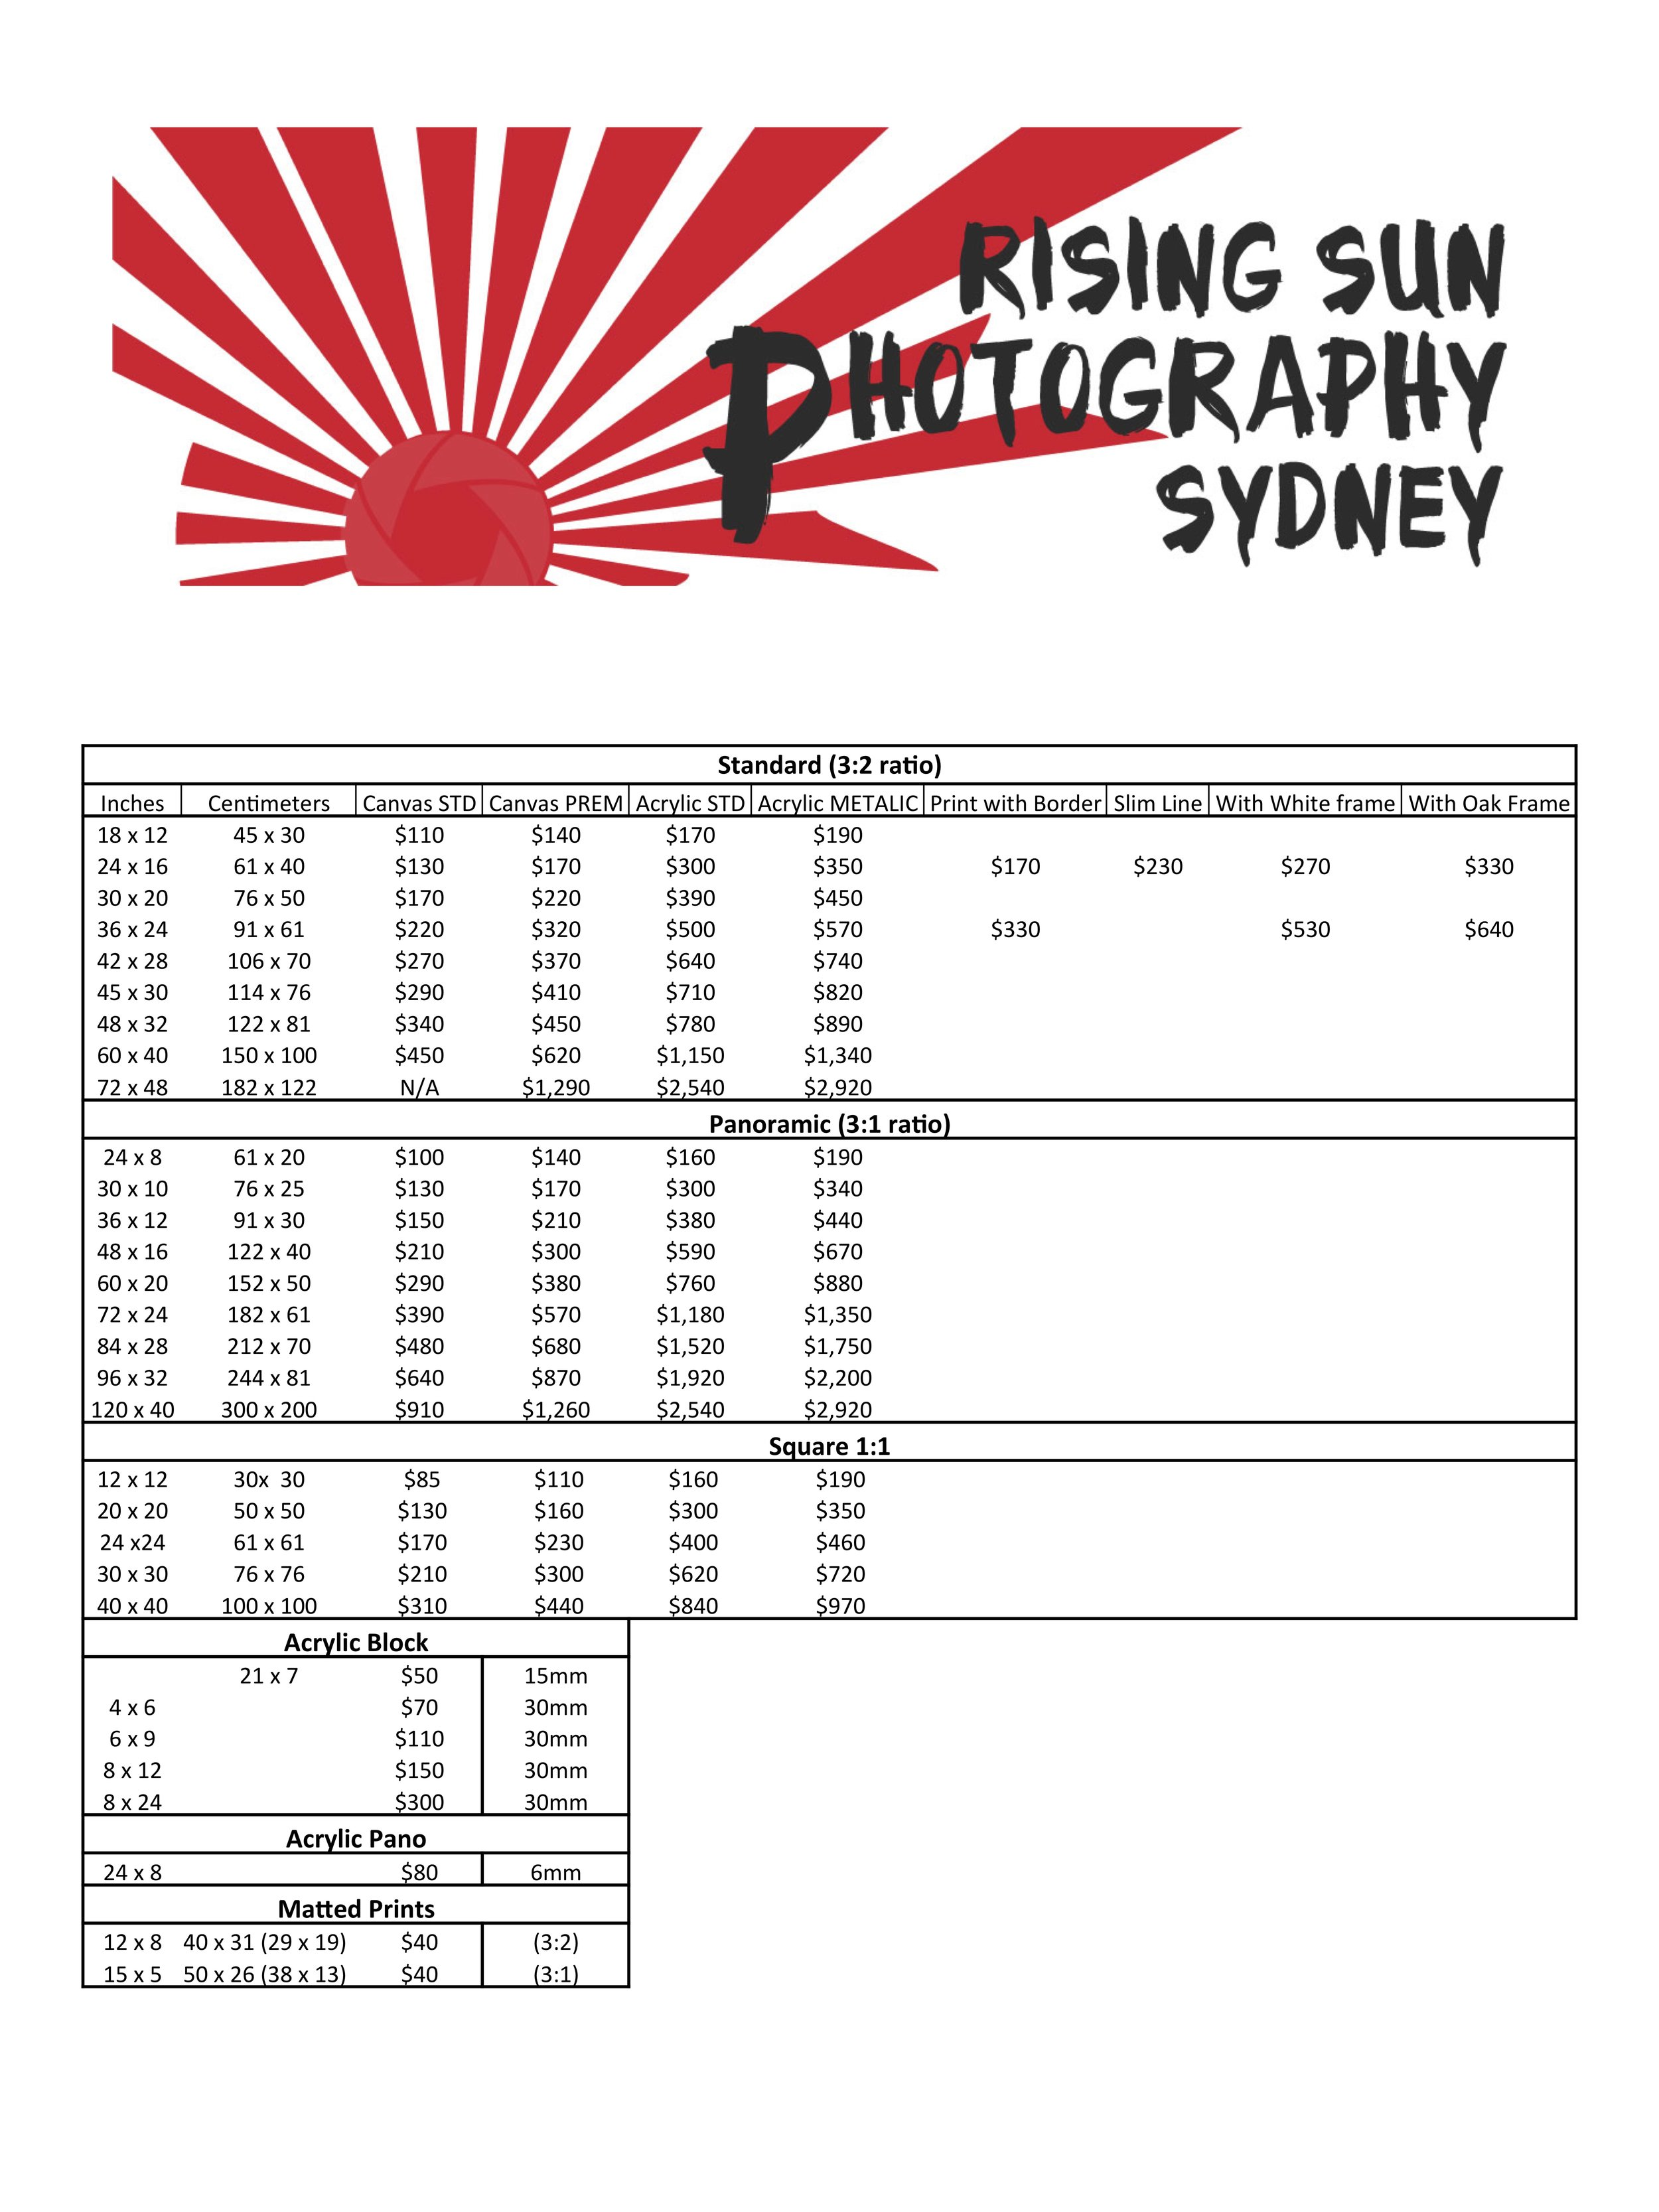 Price Sheet Final.jpg